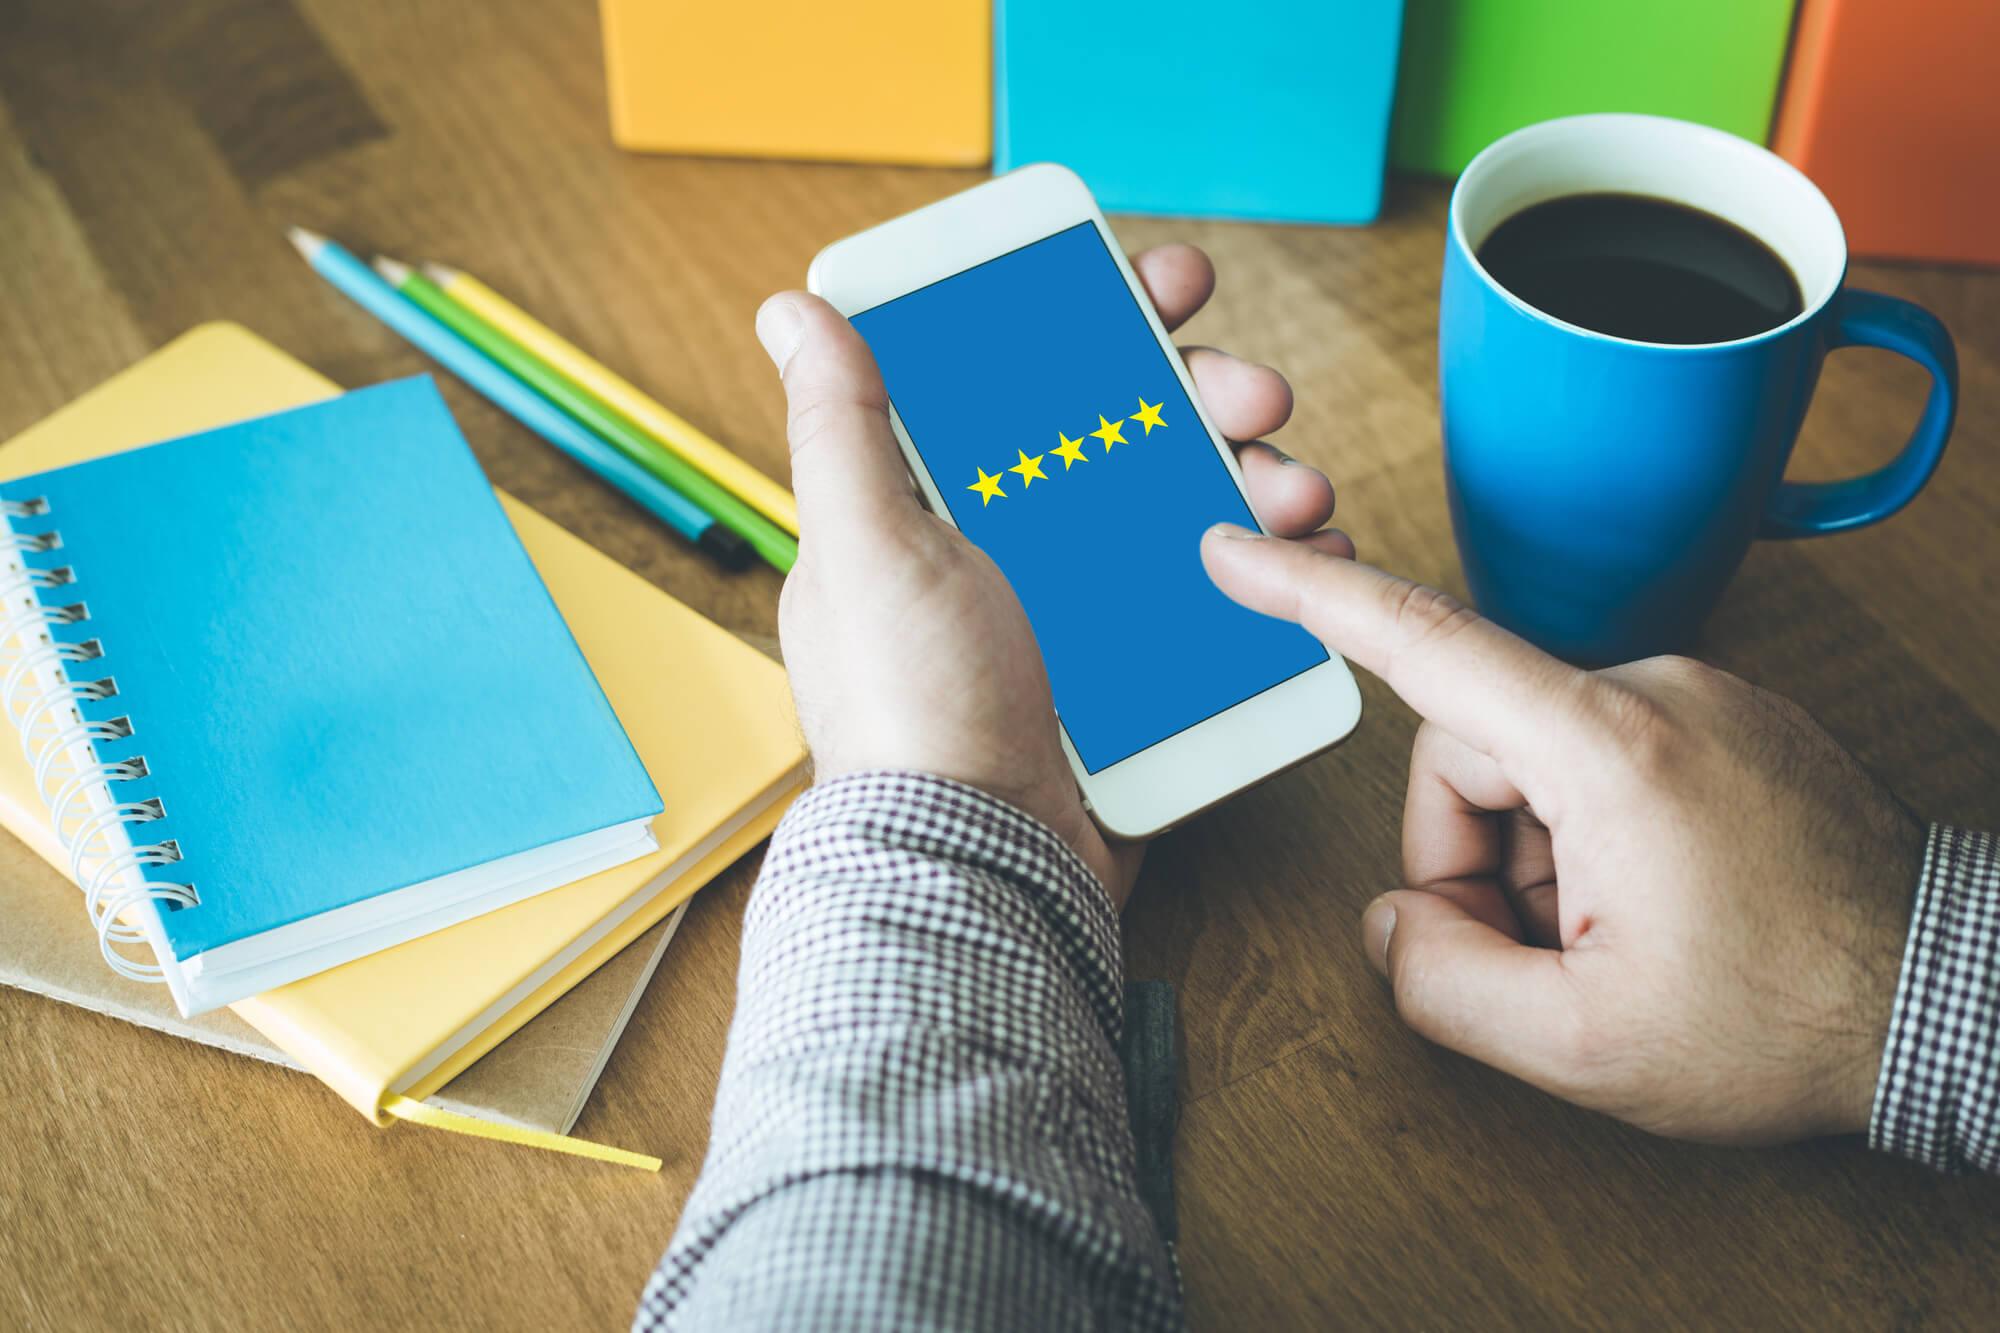 chatbot-de-pesquisa-nps-7-beneficios-para-a-sua-empresa